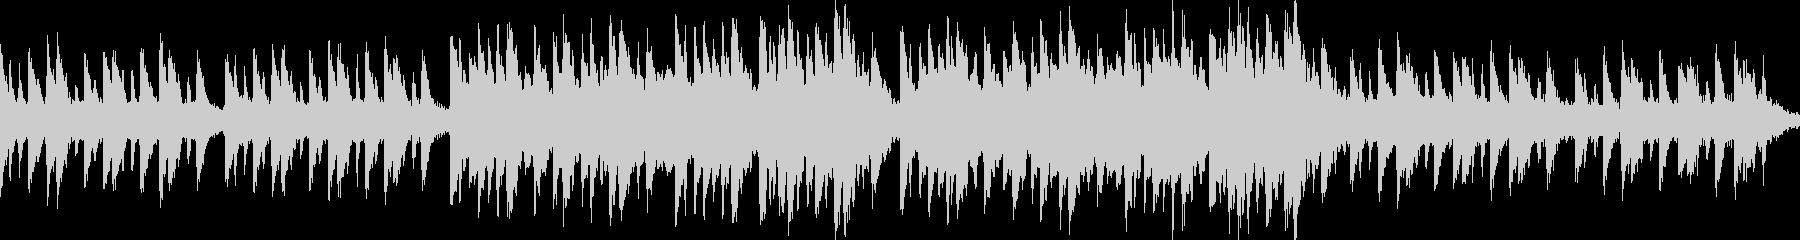 (Loop)和風バラードの未再生の波形